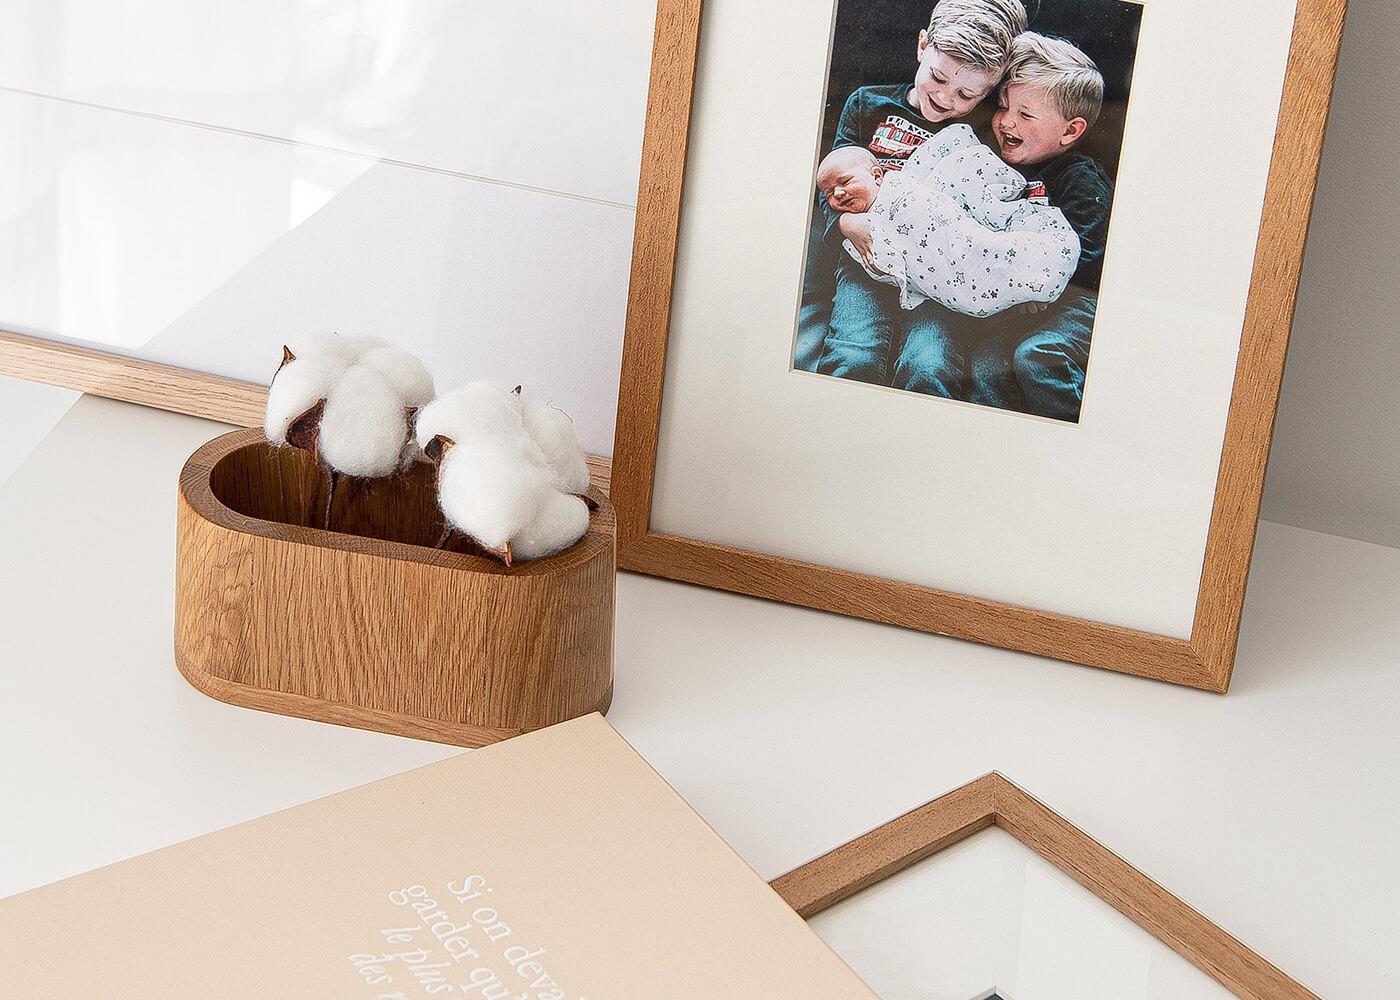 Innocence - Précieux souvenirs - Impression photo - Cadre - Photo encadrée - Frame - Prints